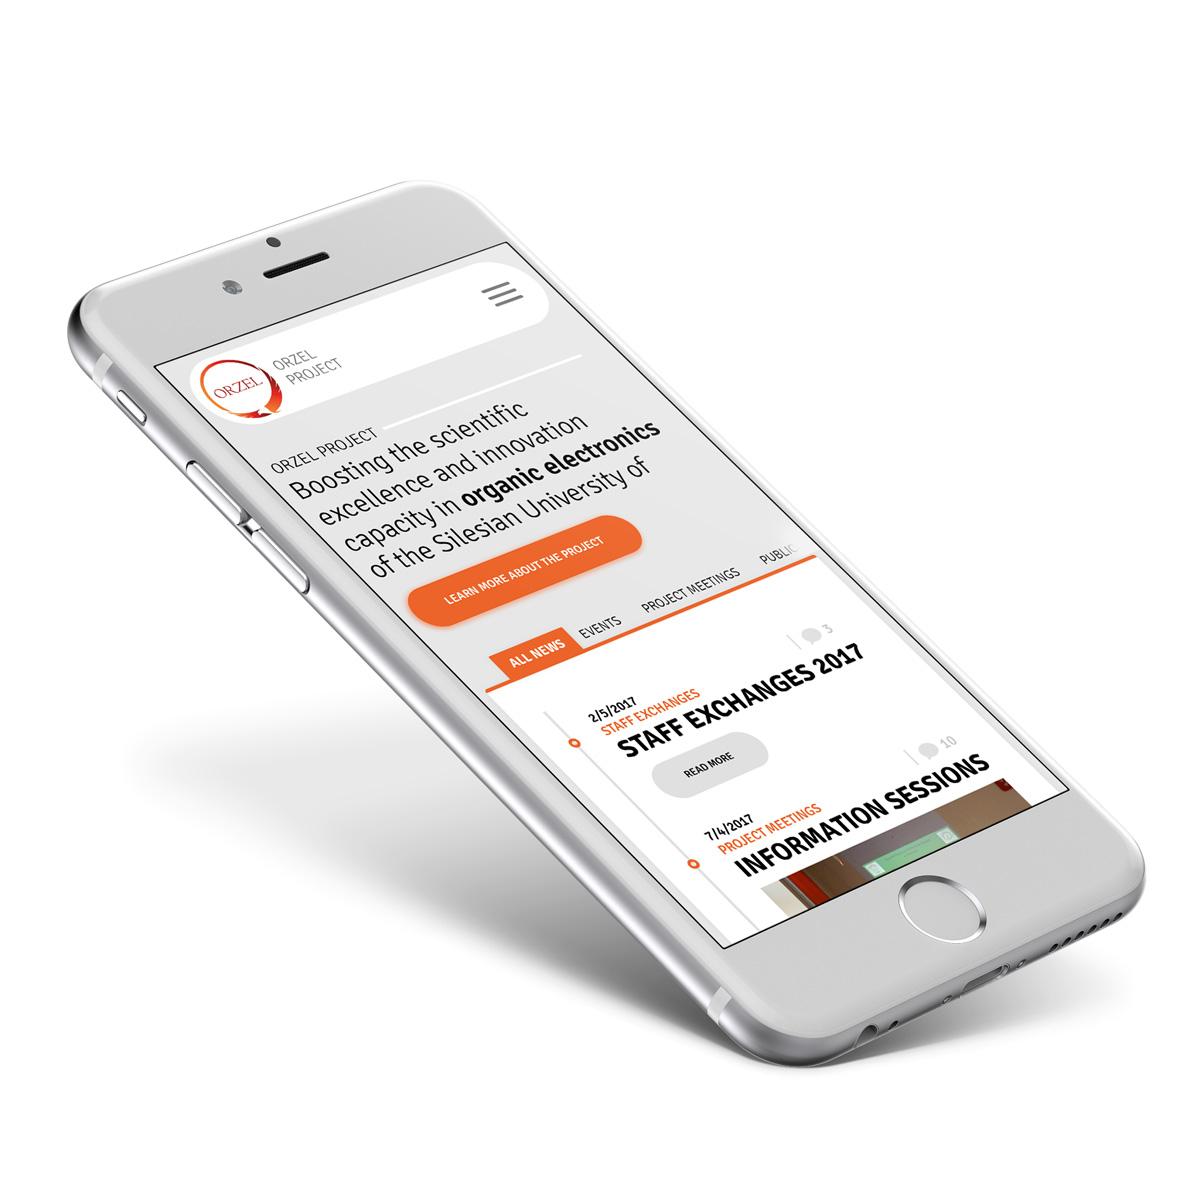 Mobilna wersja storny internetowej dla ORZEL Project